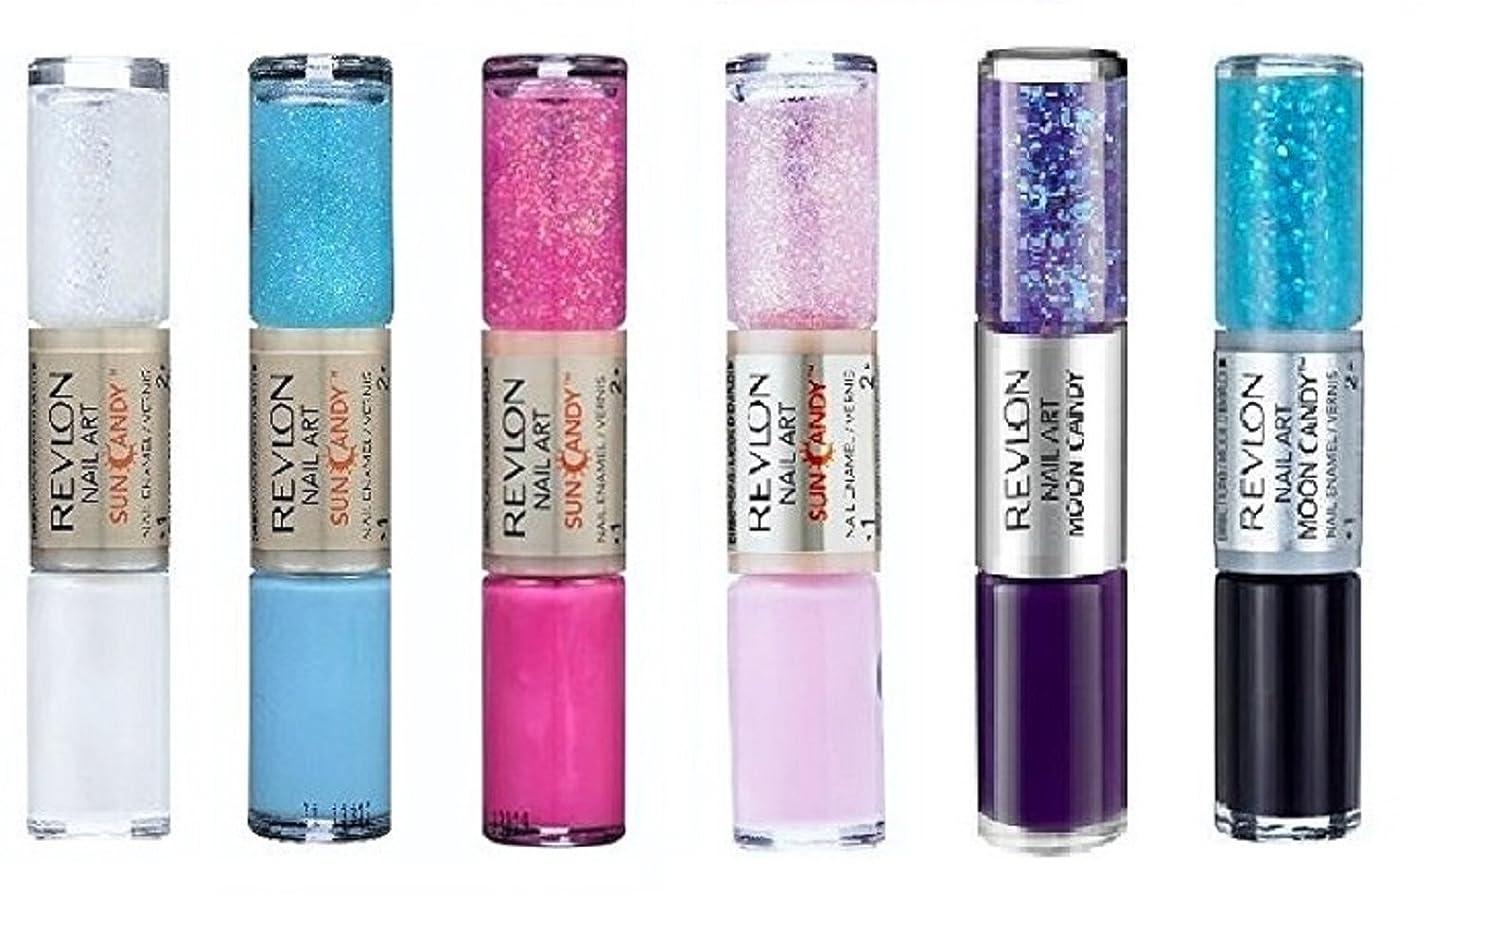 4fe884ffe1 Set of 6 Revlon Nail Art Polish Colors: Amazon.co.uk: Beauty